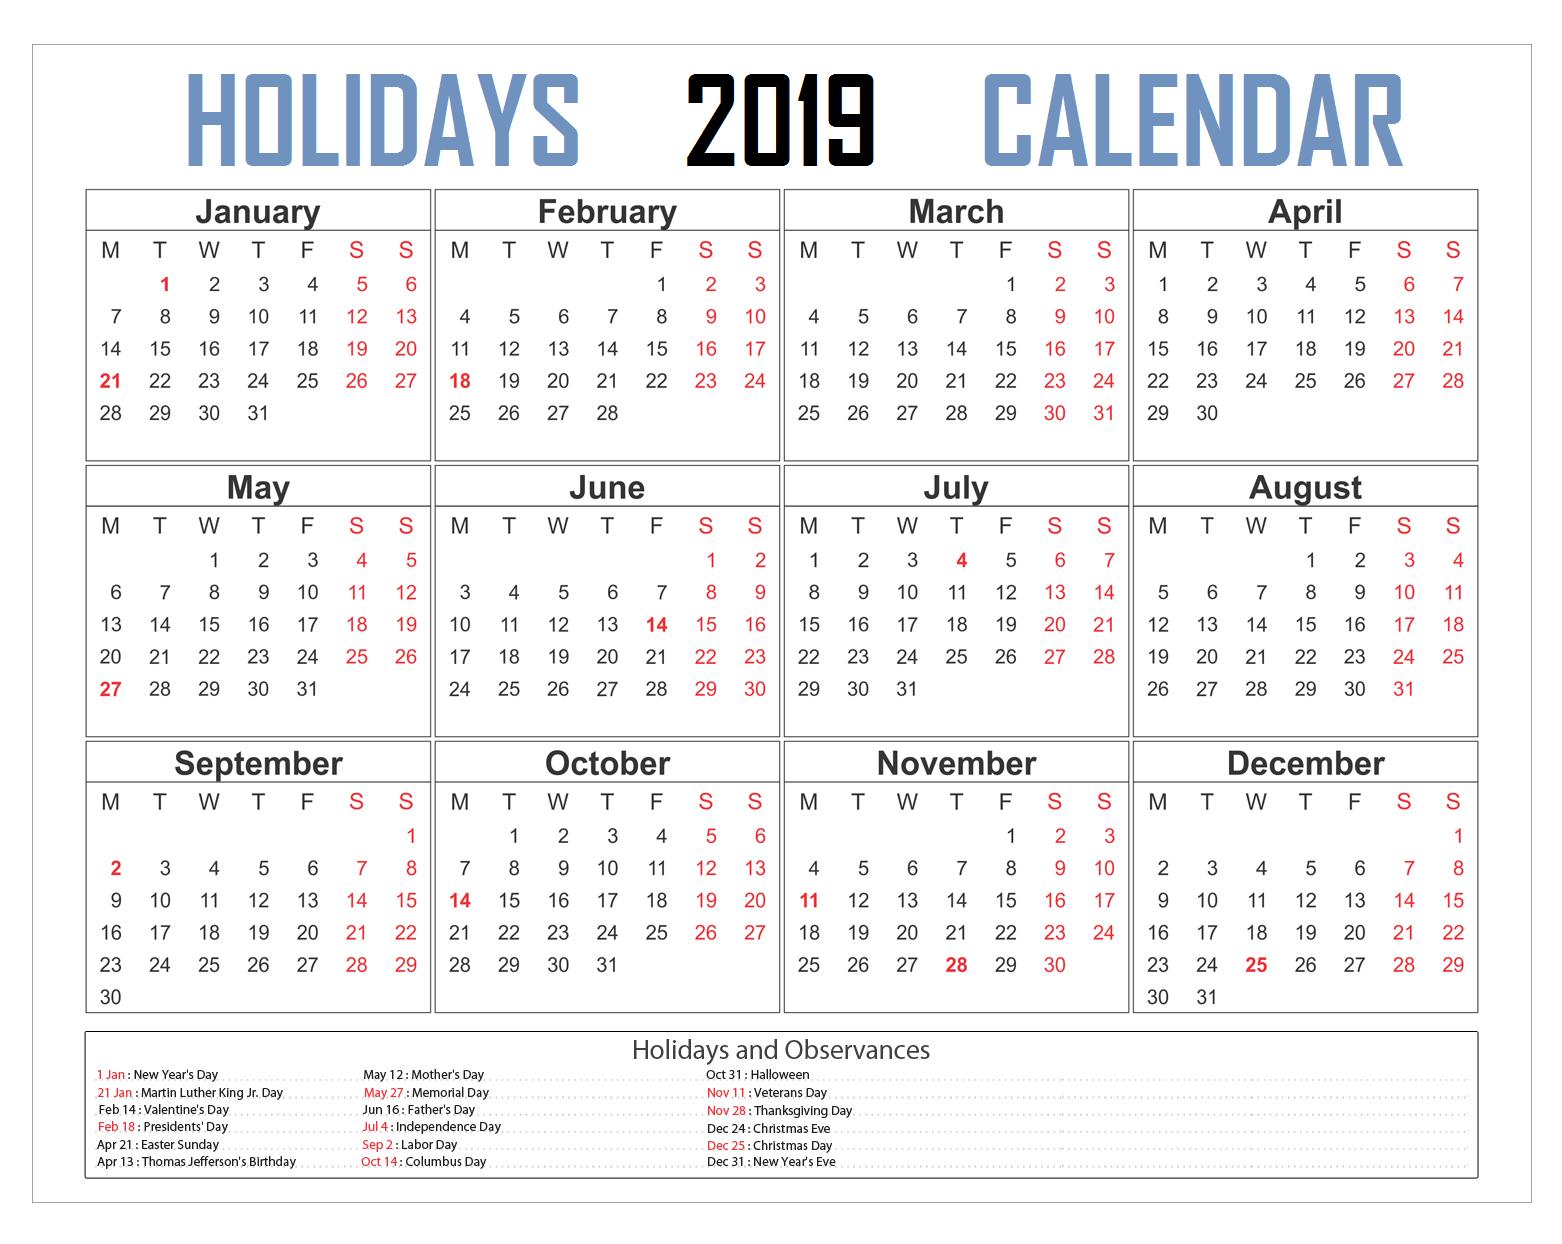 Holidays 2019 Calendar | 2019 calendar